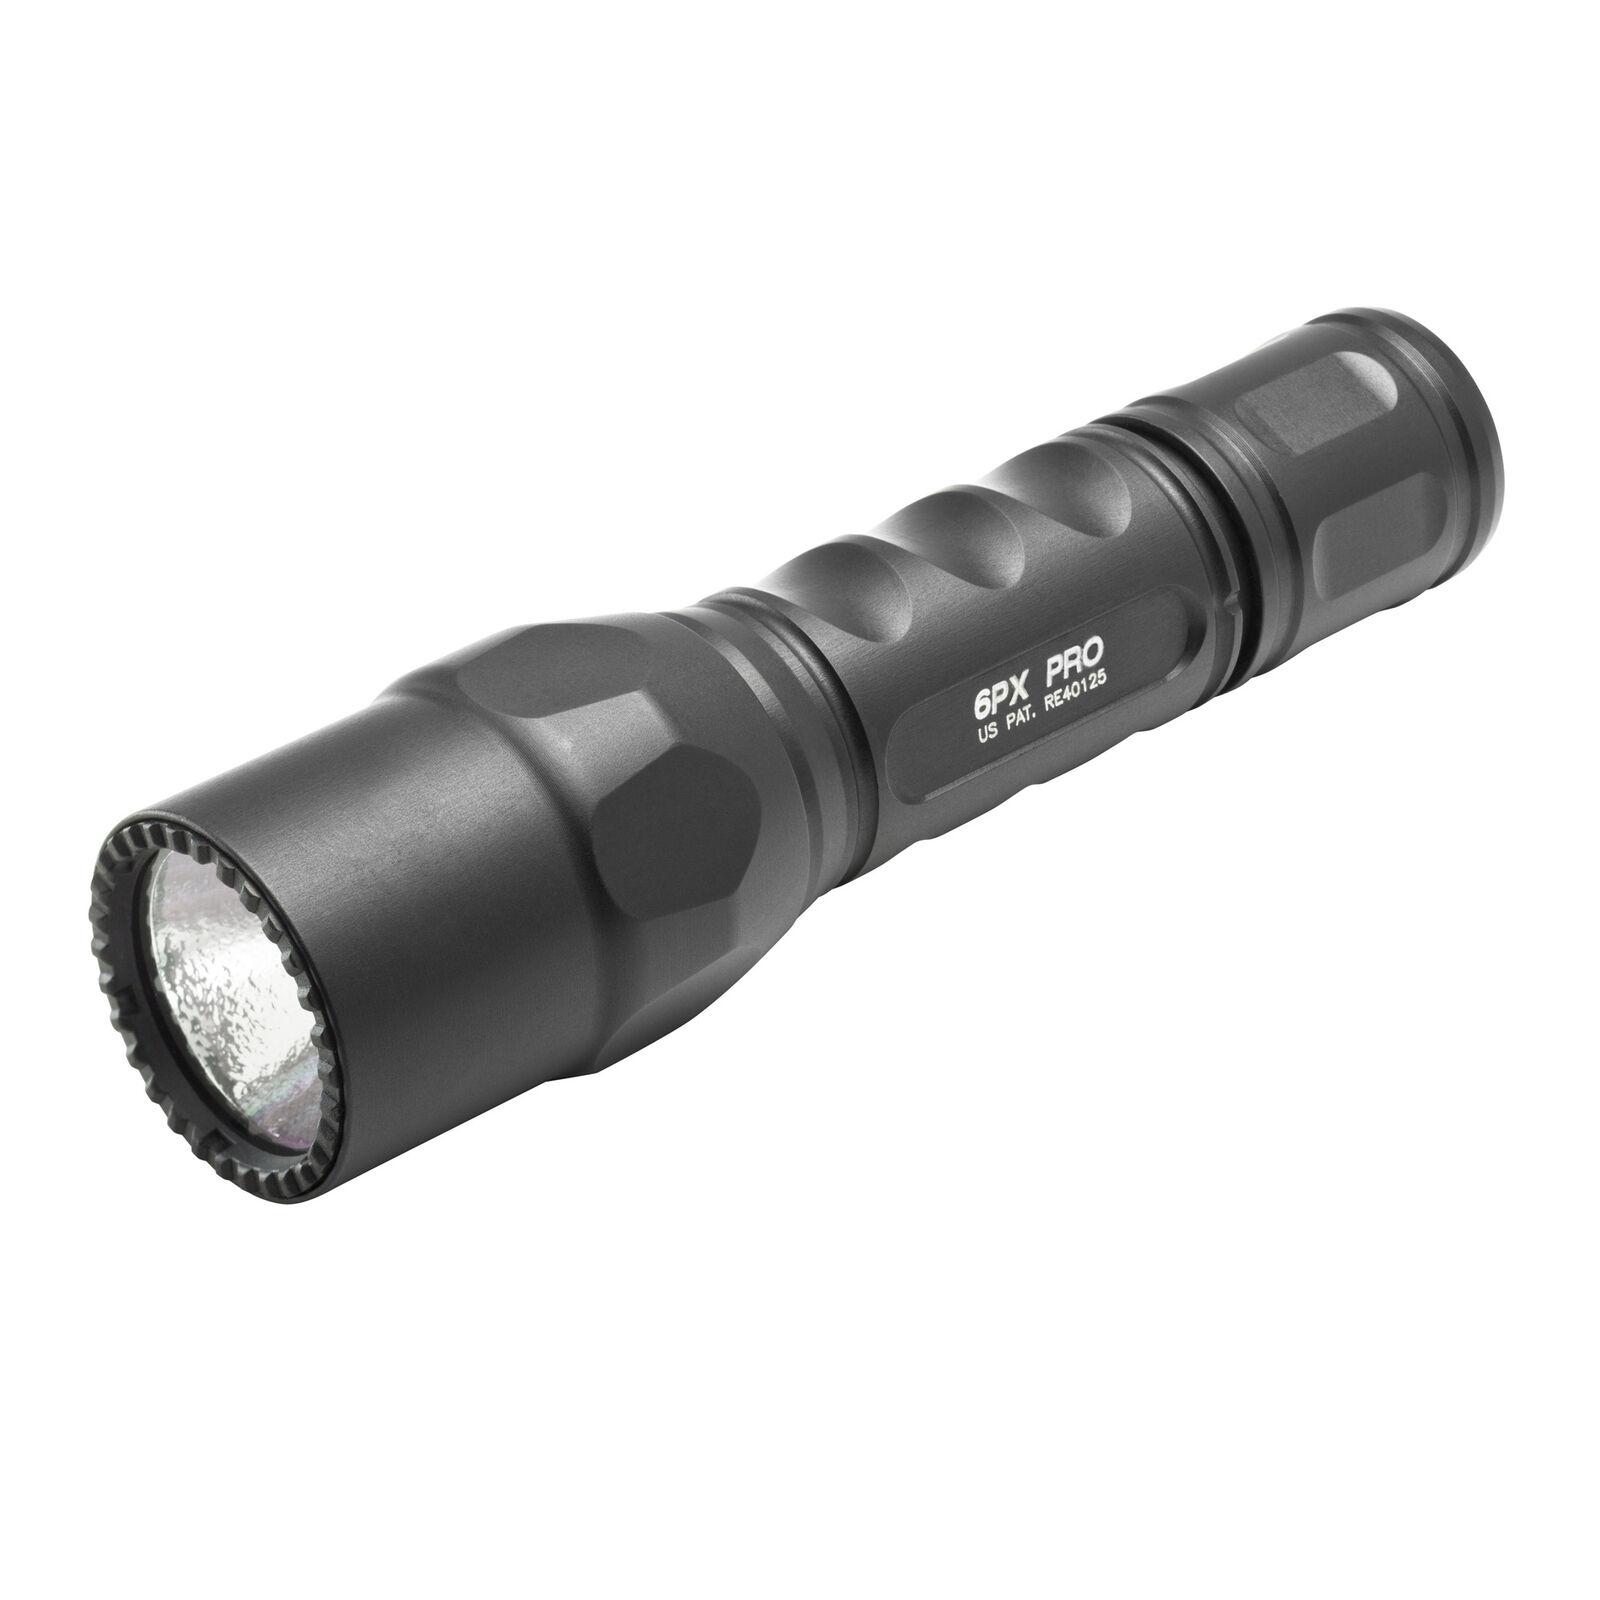 Surefire 6PX Tactical Pro Lampe de Poche Double Sortie DEL 600 lm